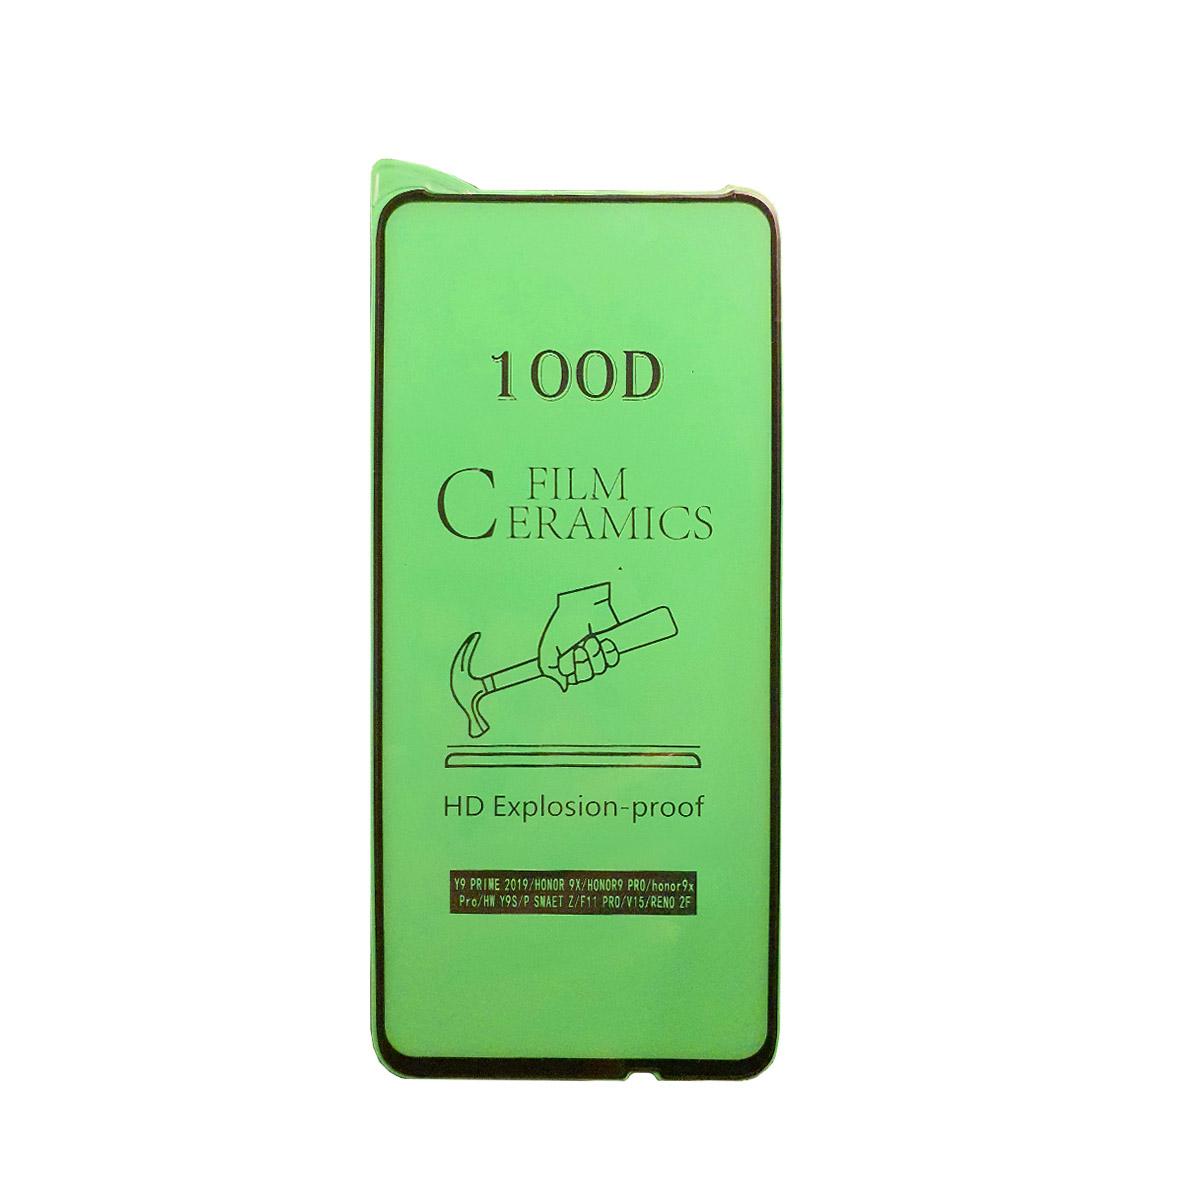 محافظ صفحه نمایش سرامیکی مدل FLCRG01to مناسب برای گوشی موبایل هوآوی Y9 Prime 2019